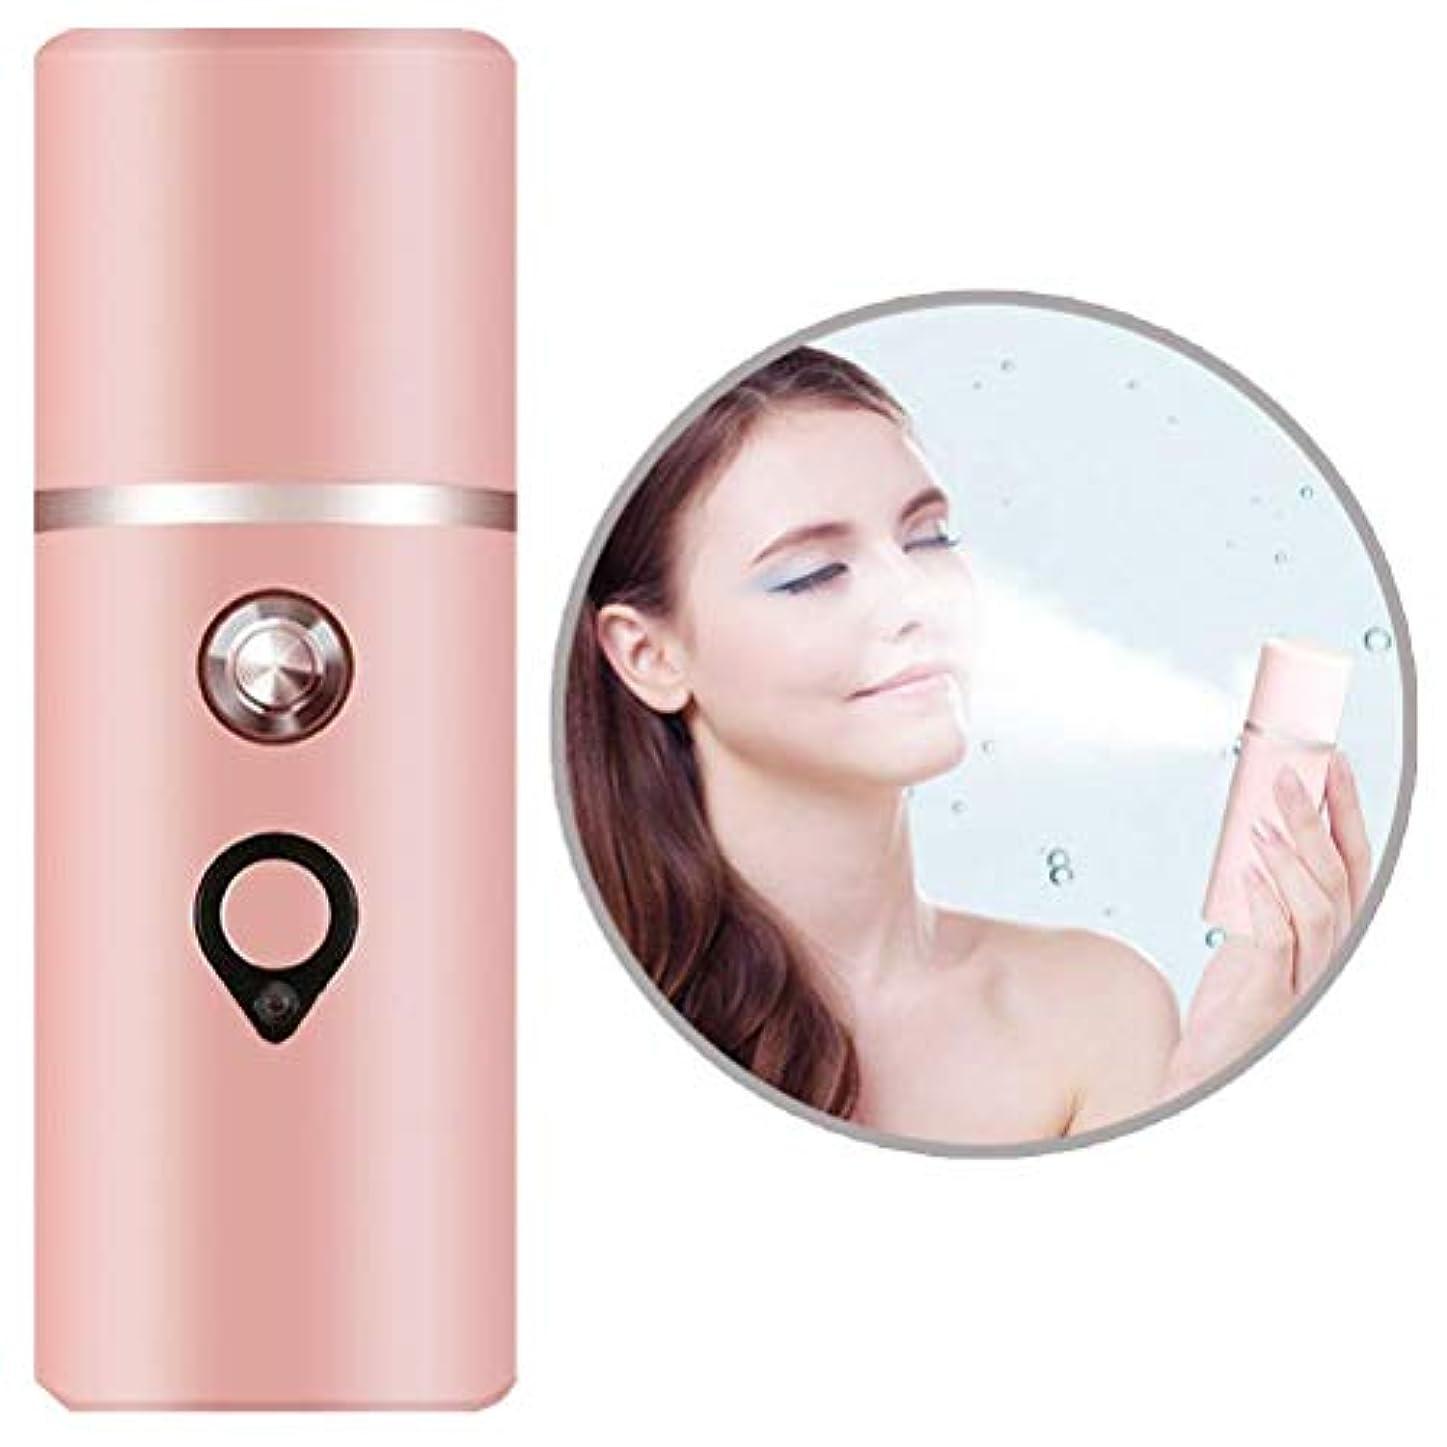 マウンド埋め込む勧告ナノミスター、スプレーハンディーフェイシャルミストフェイススプレーヤー美容スキンケアマシン、フェイシャルスチーマー美容スキンケア用品、USB充電式